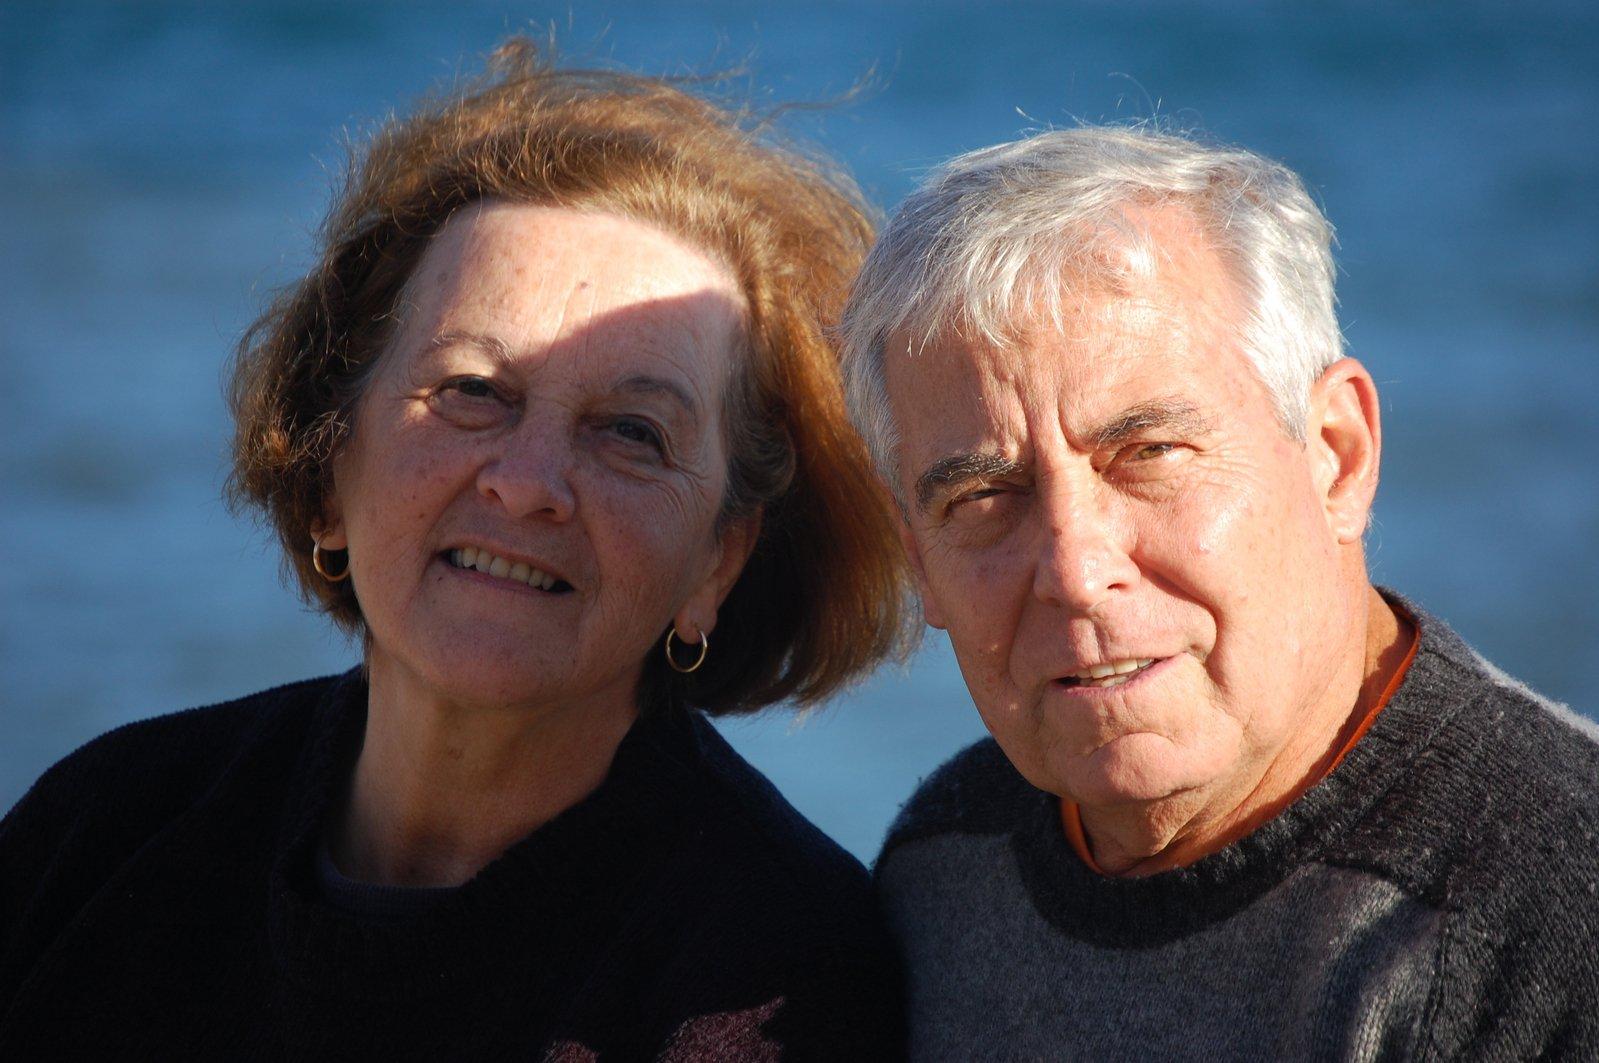 old-couple, portret na tle akwenu wodnego dwóch osób starszych, mężczyzny i kobiety. wpatrzeni są w obiektyw, uśmiechają się oraz mrużą oczy przez padające światło słoneczne